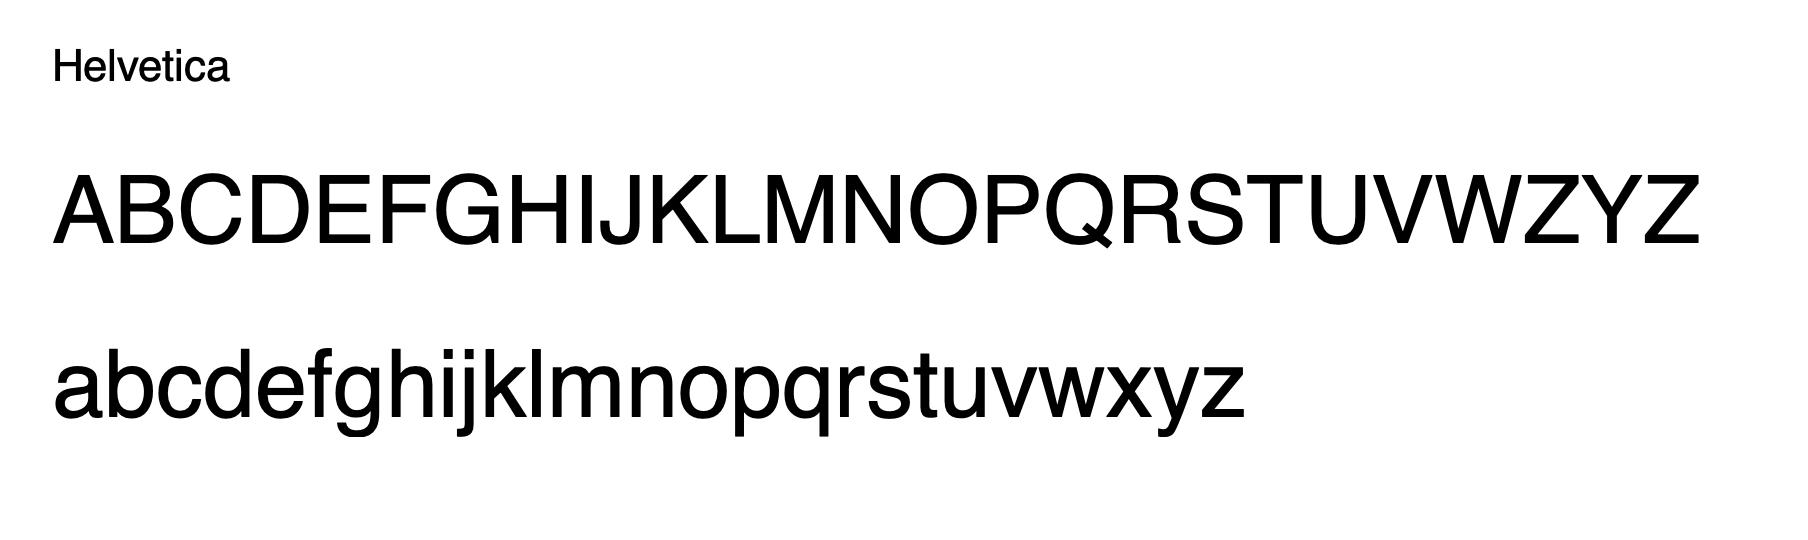 Helvetica - elegant email signature font